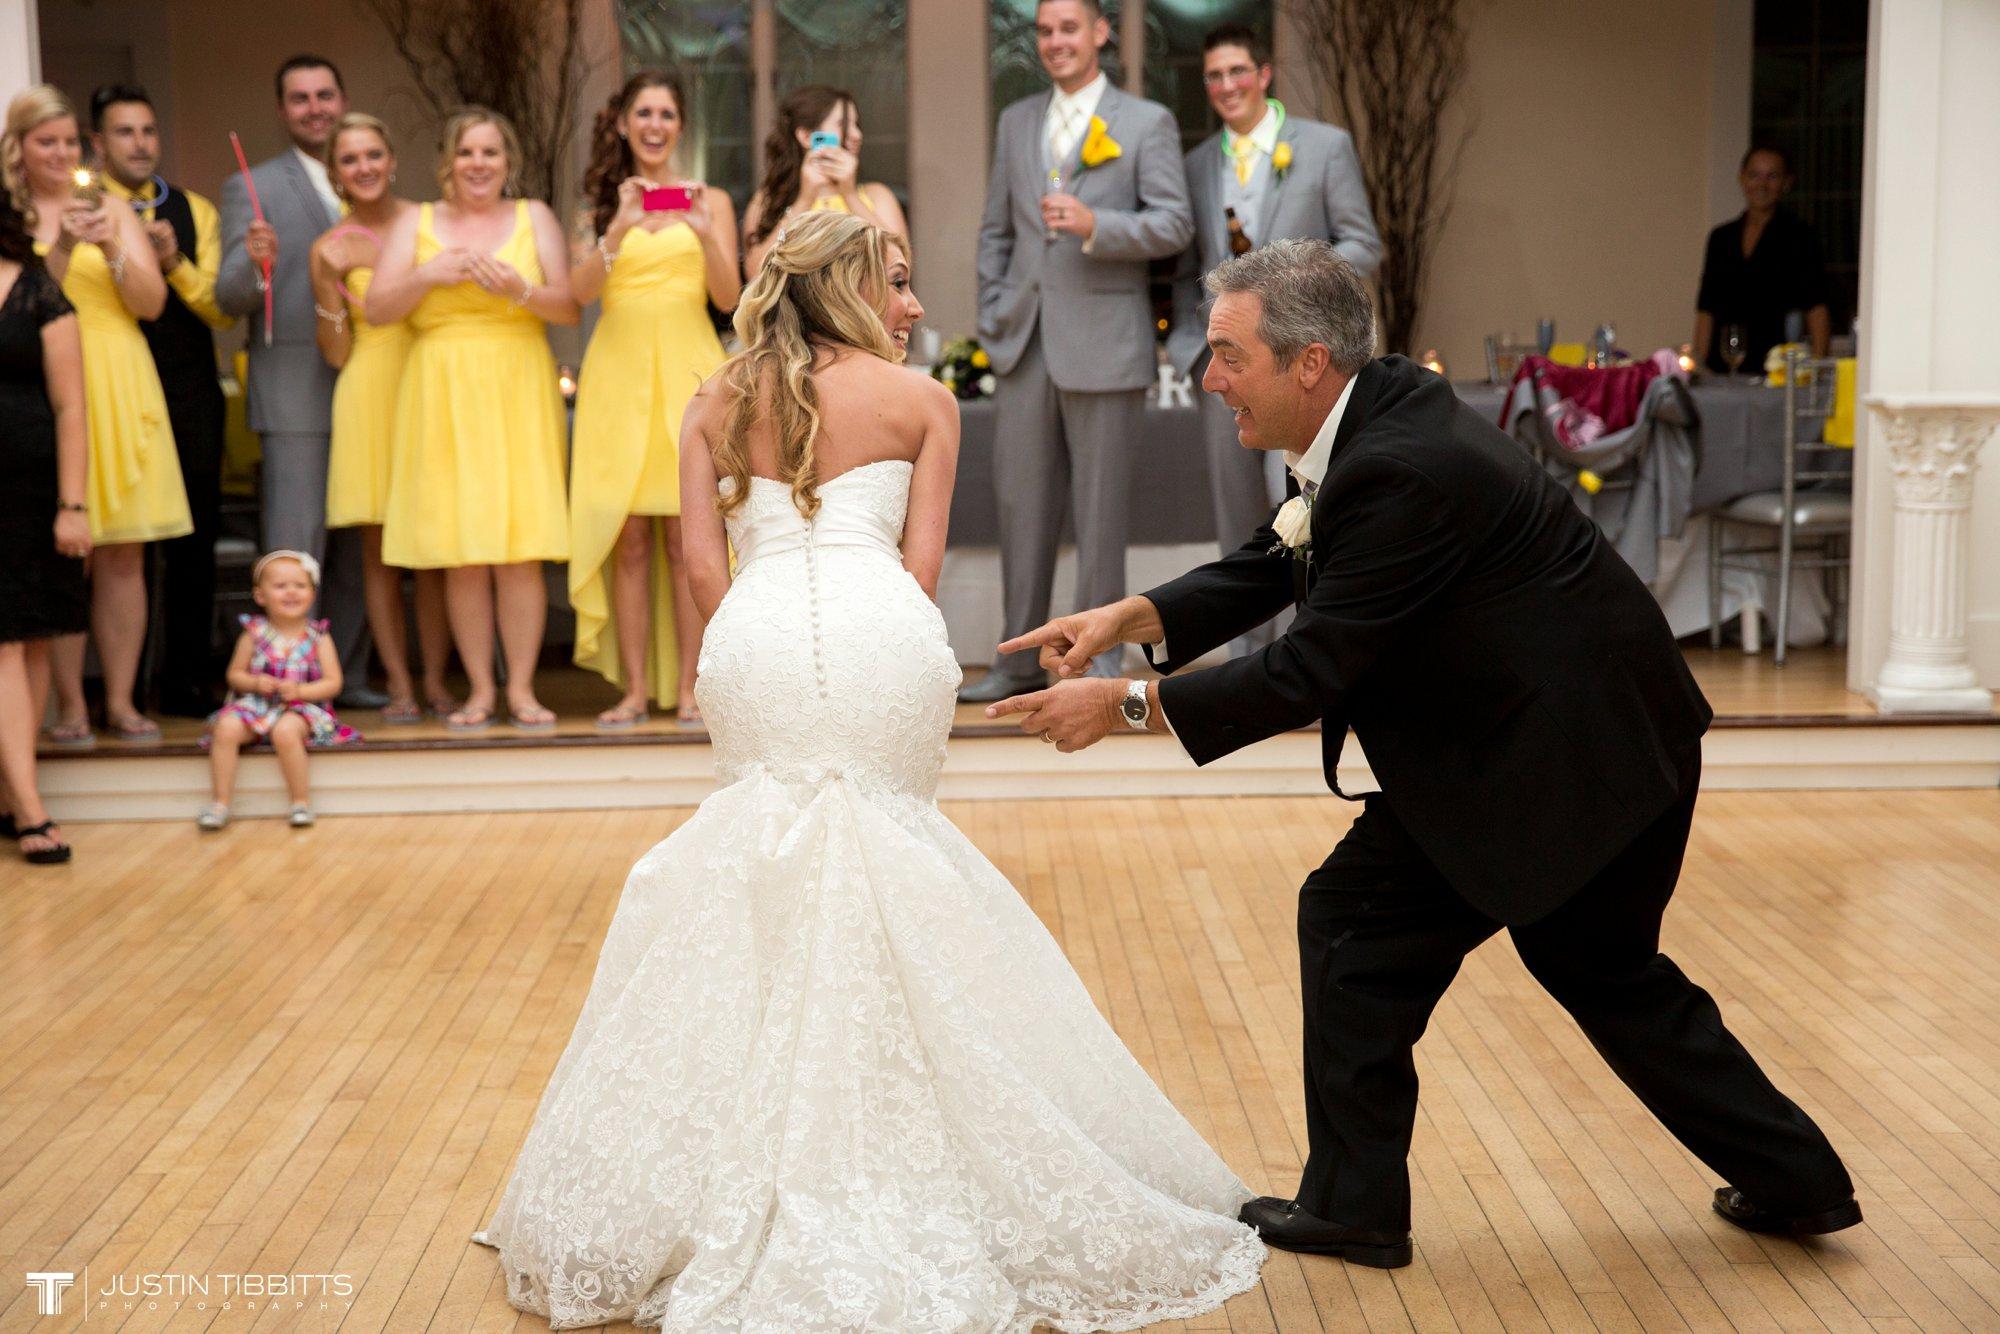 Albany NY Wedding Photographer Justin Tibbitts Photography 2014 Best of Albany NY Weddings-117Albany NY Wedding Photographer Justin Tibbitts Photography Albany NY Best of Weddings20